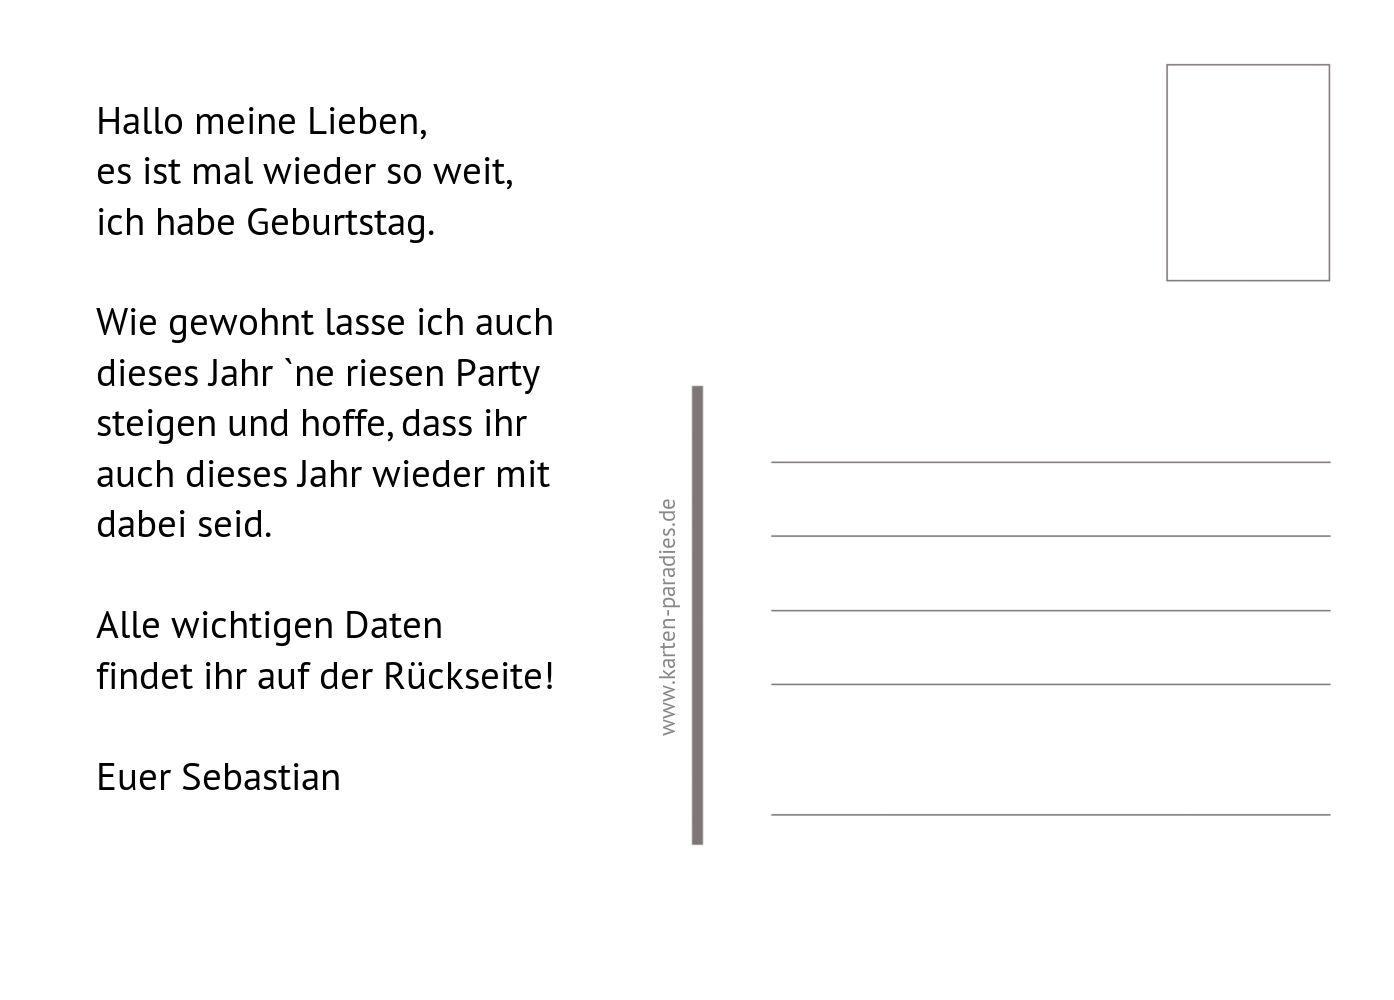 Ansicht 3 - Einladungskarte Partyrezept